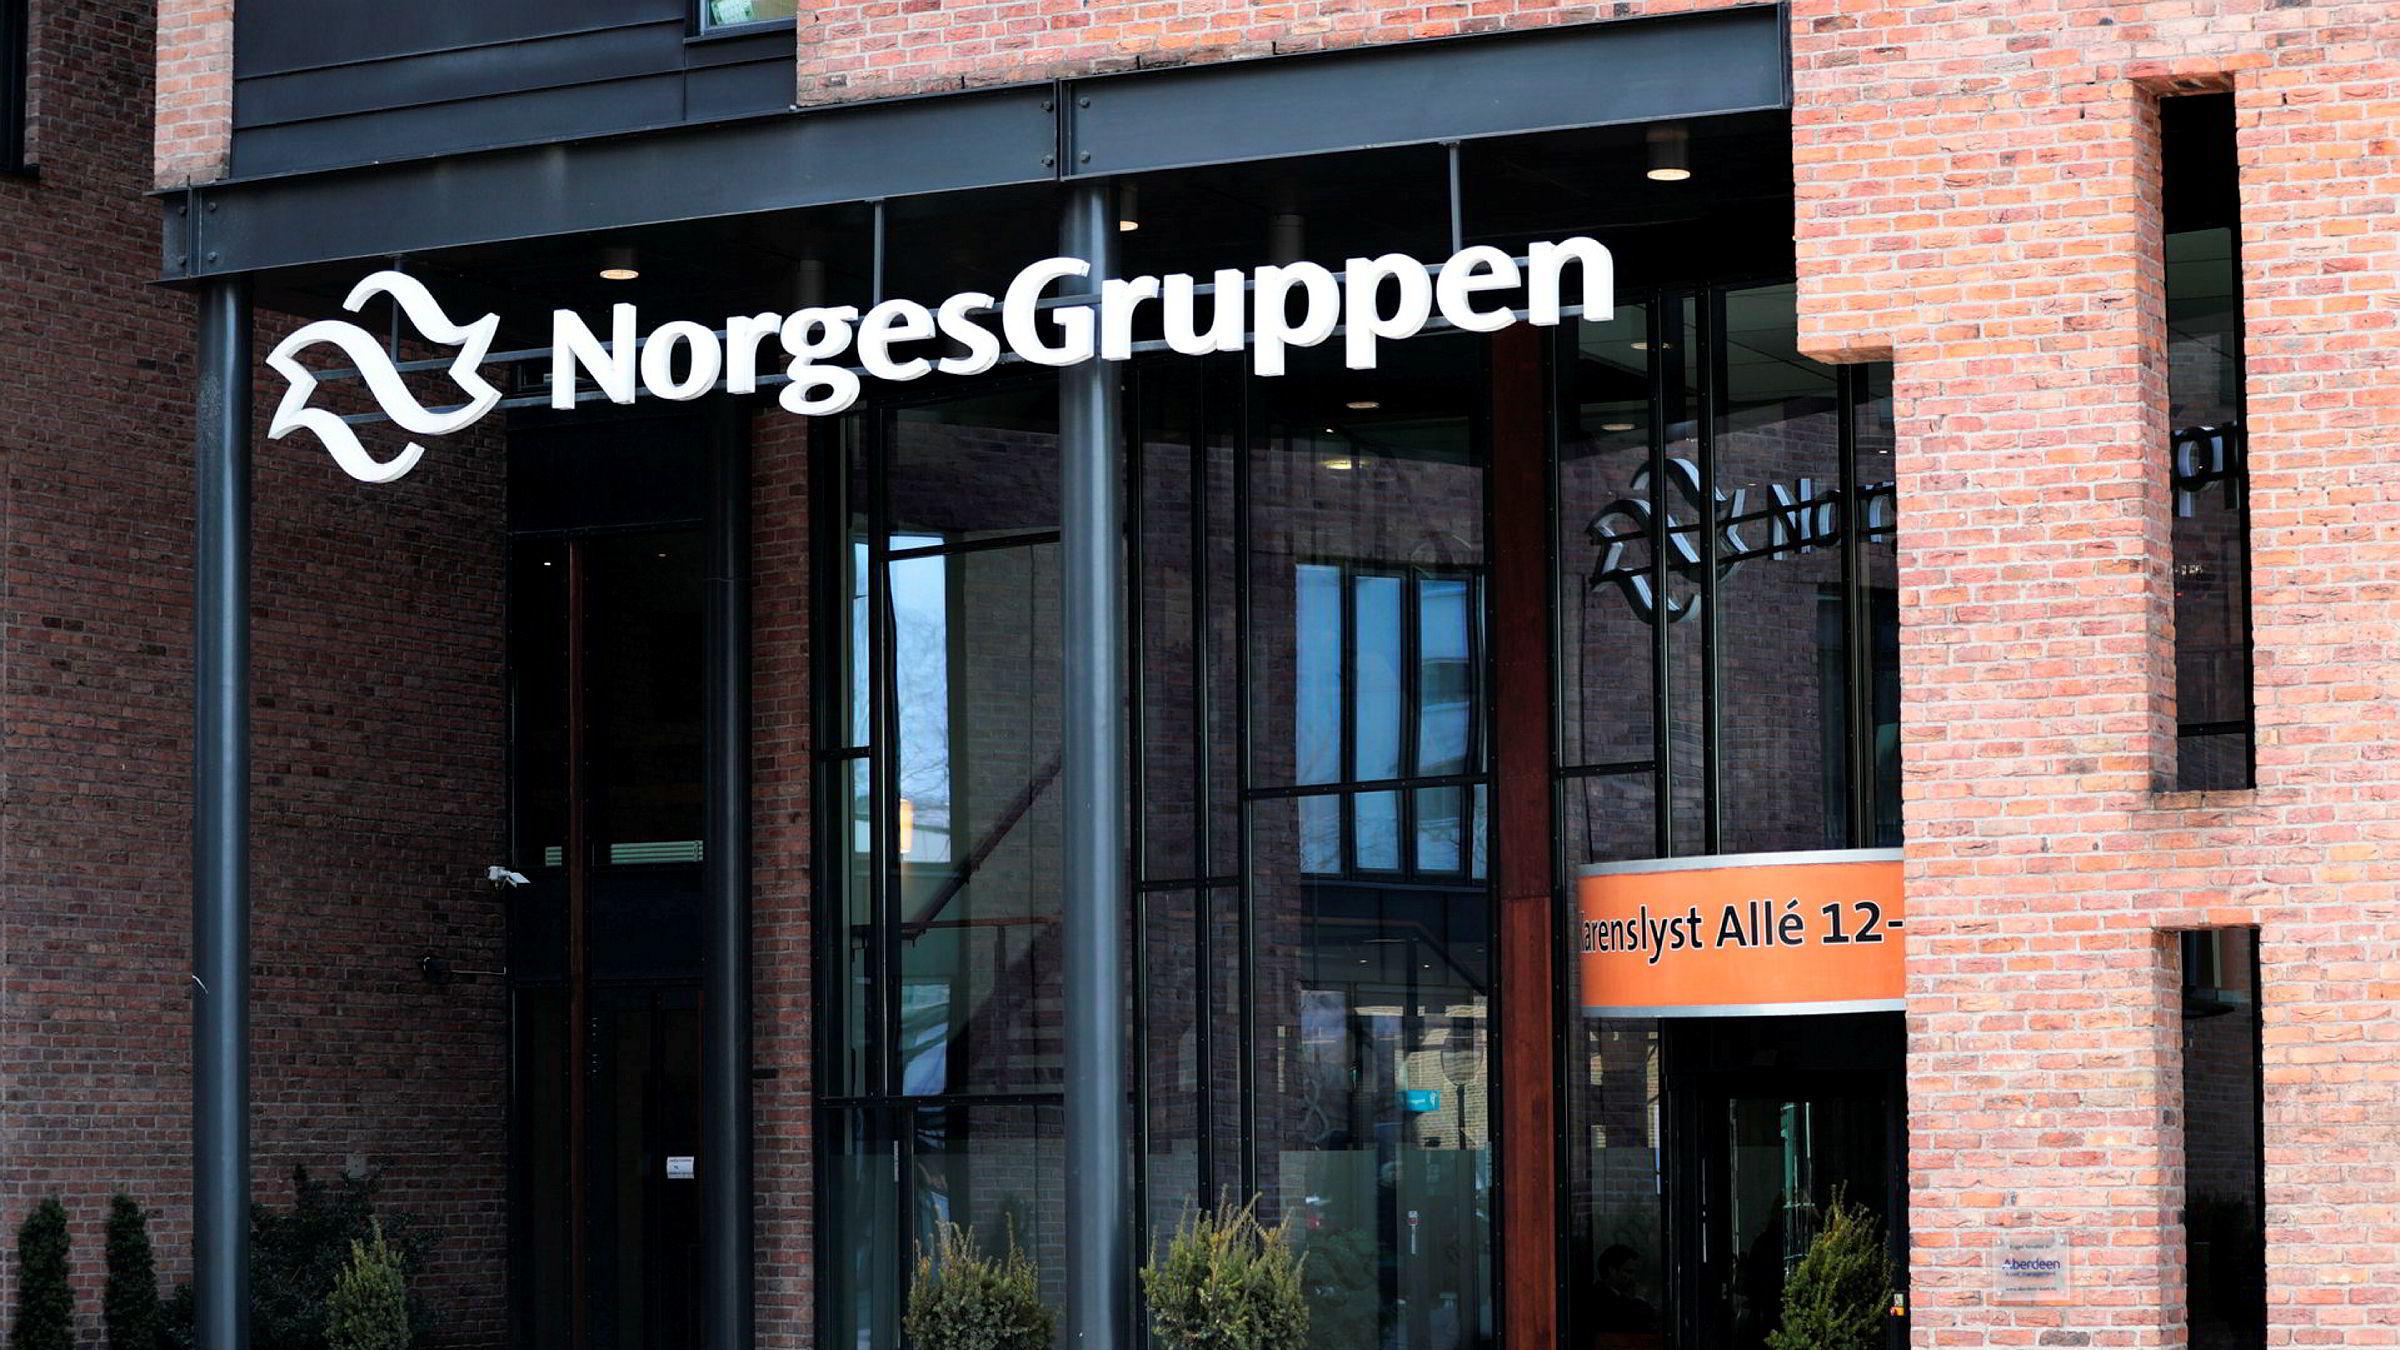 Det er ingenting av det som er offentlig kjent som indikerer at rabattene til Norgesgruppen har svekket konkurransen, skriver Bjørn Olav Johansen og Odd Rune Straume i innlegget.